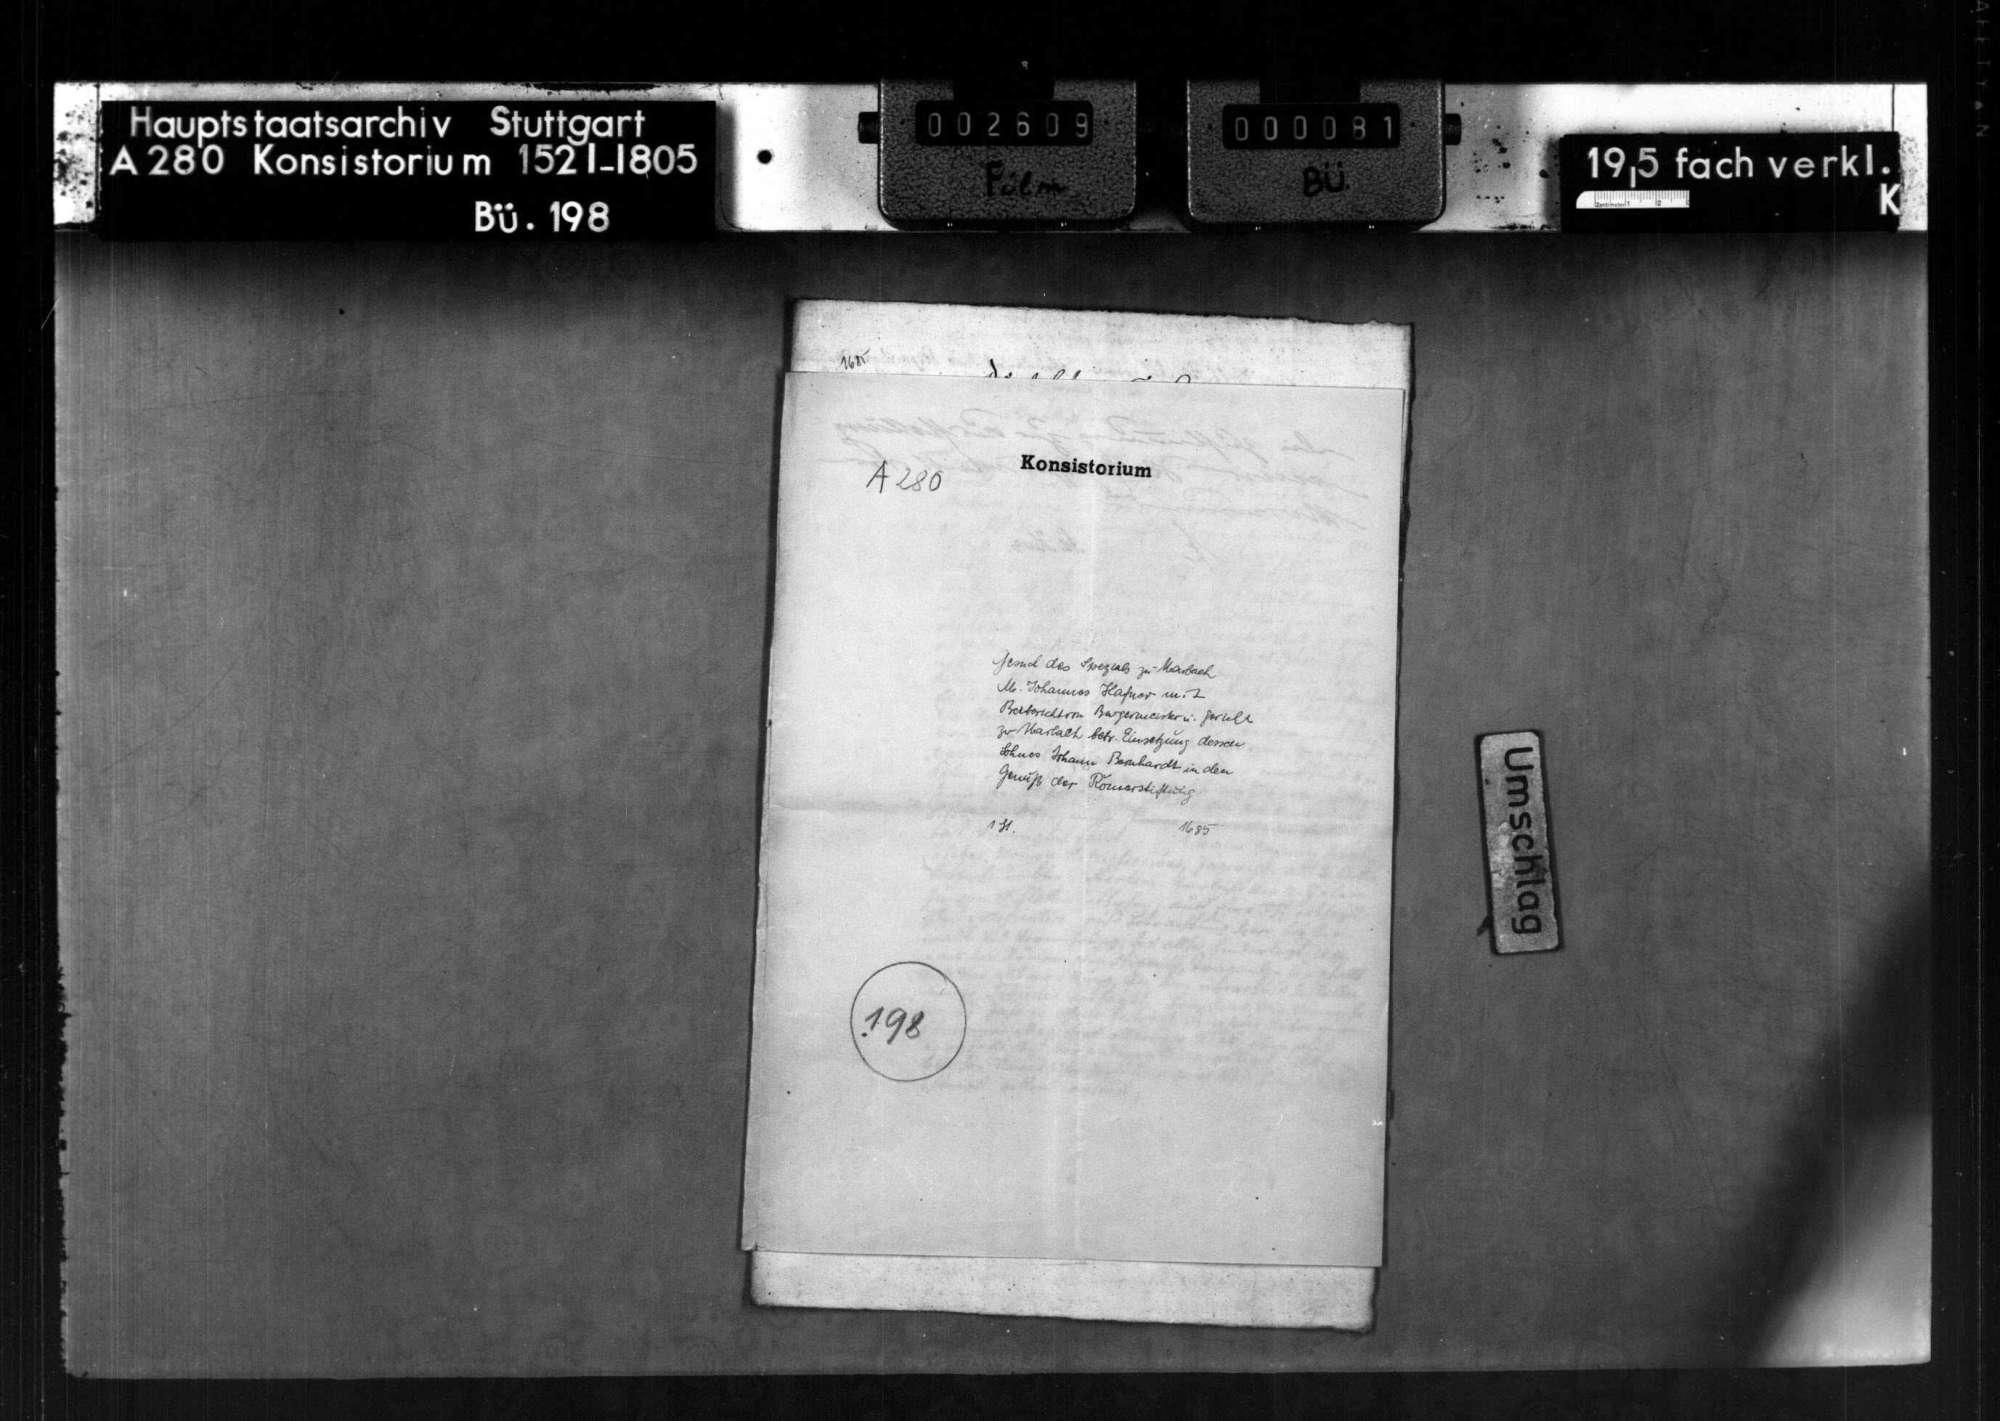 Gesuch des Spezals zu Marbach M. Johannes Hafner mit Beibericht von Bürgrmeister und Gericht zu Marbach betr. Einsetzung von dessen Sohn Johann Bernhardt in den Genuß der Römerstiftung, Bild 1